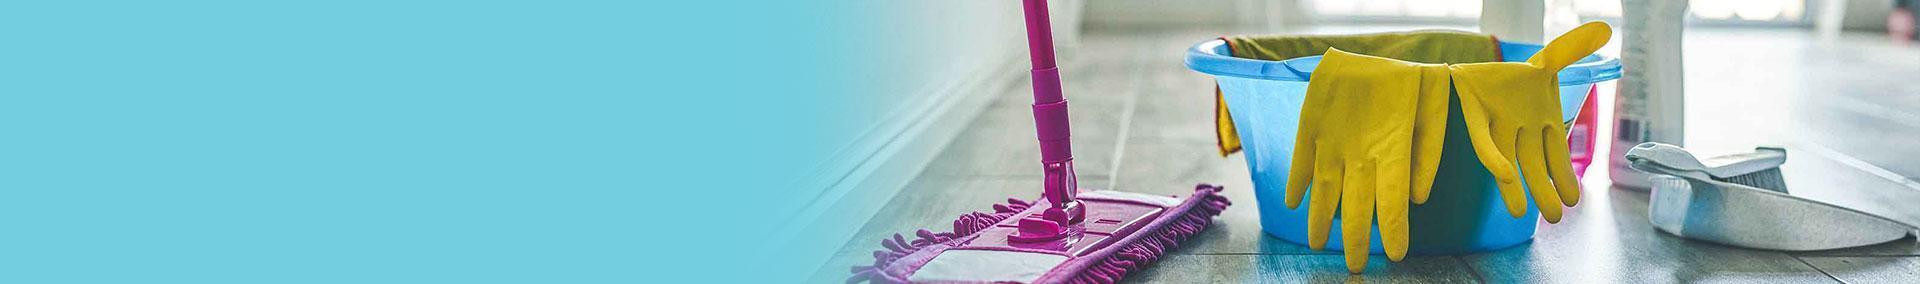 narzędzie do sprzątania domu